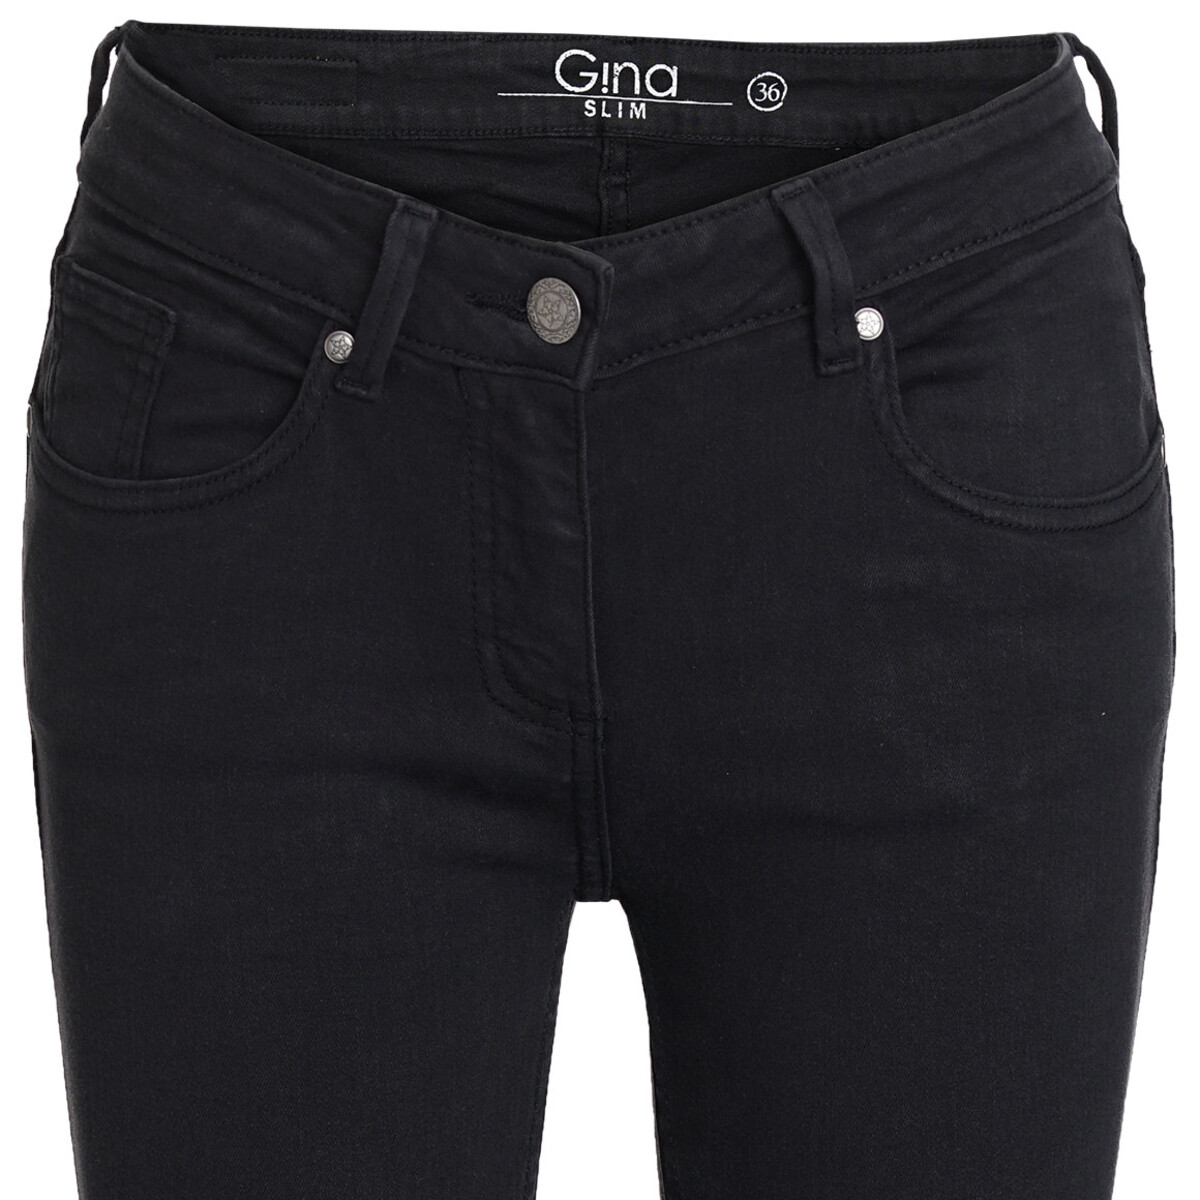 Bild 2 von Damen Slim-Jeans mit schmalem Bein